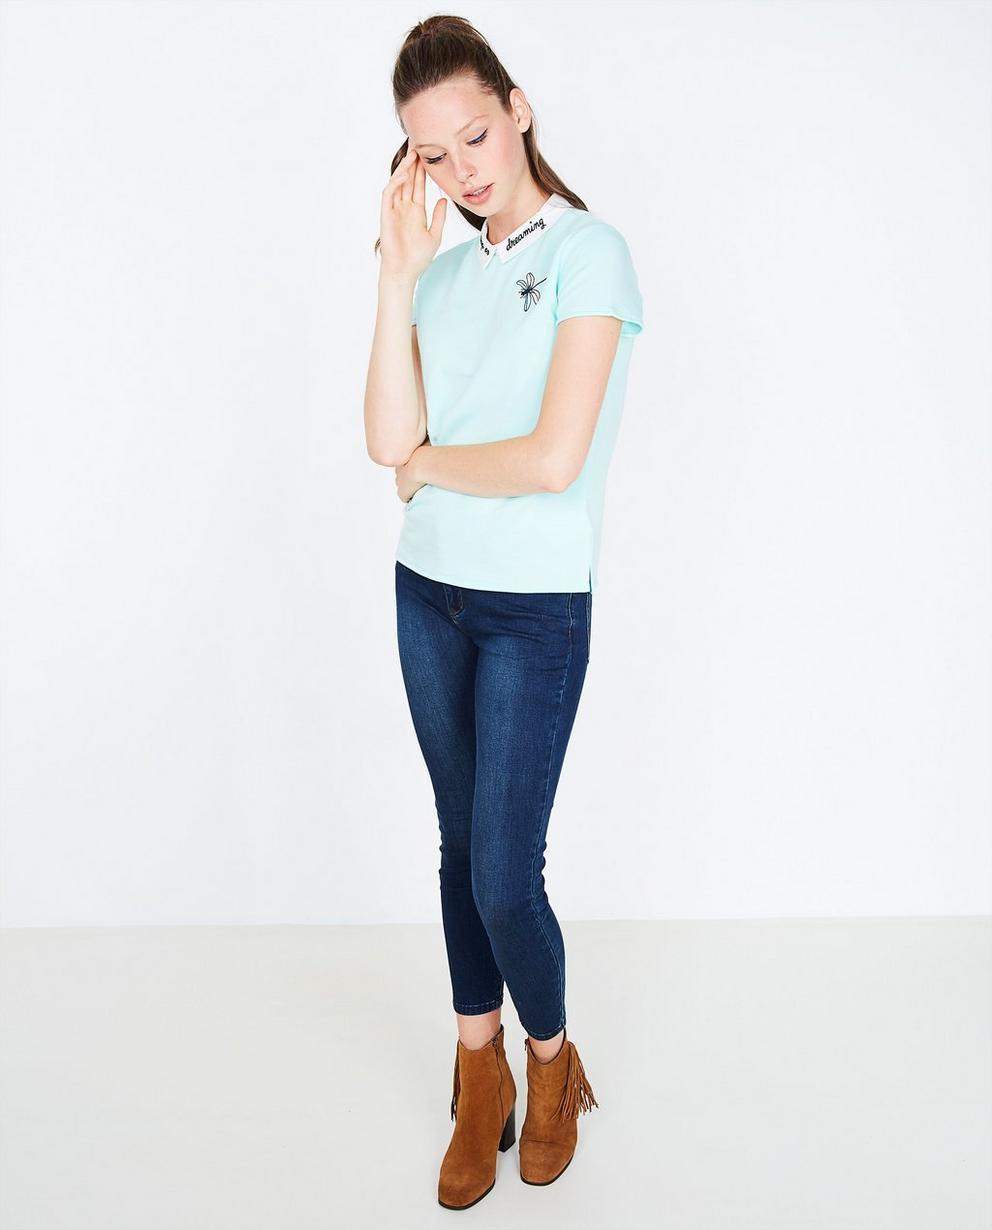 Mintgroene blouse - met kraagje - Grogy